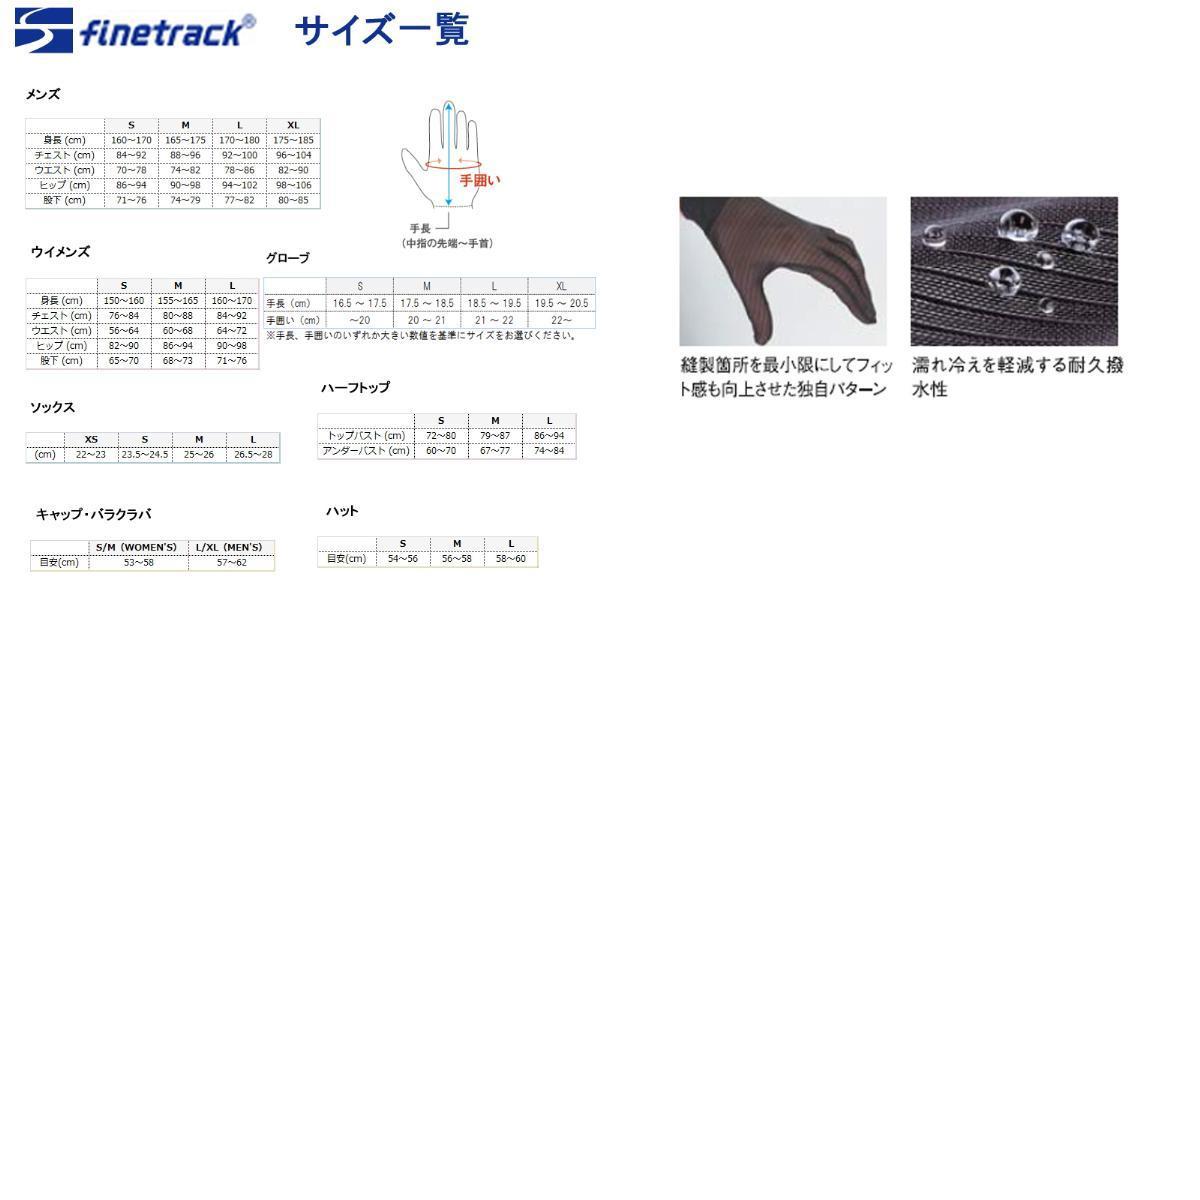 ファイントラック(finetrack) パワーメッシュ インナーグローブ L BK(ブラック) FAU0201